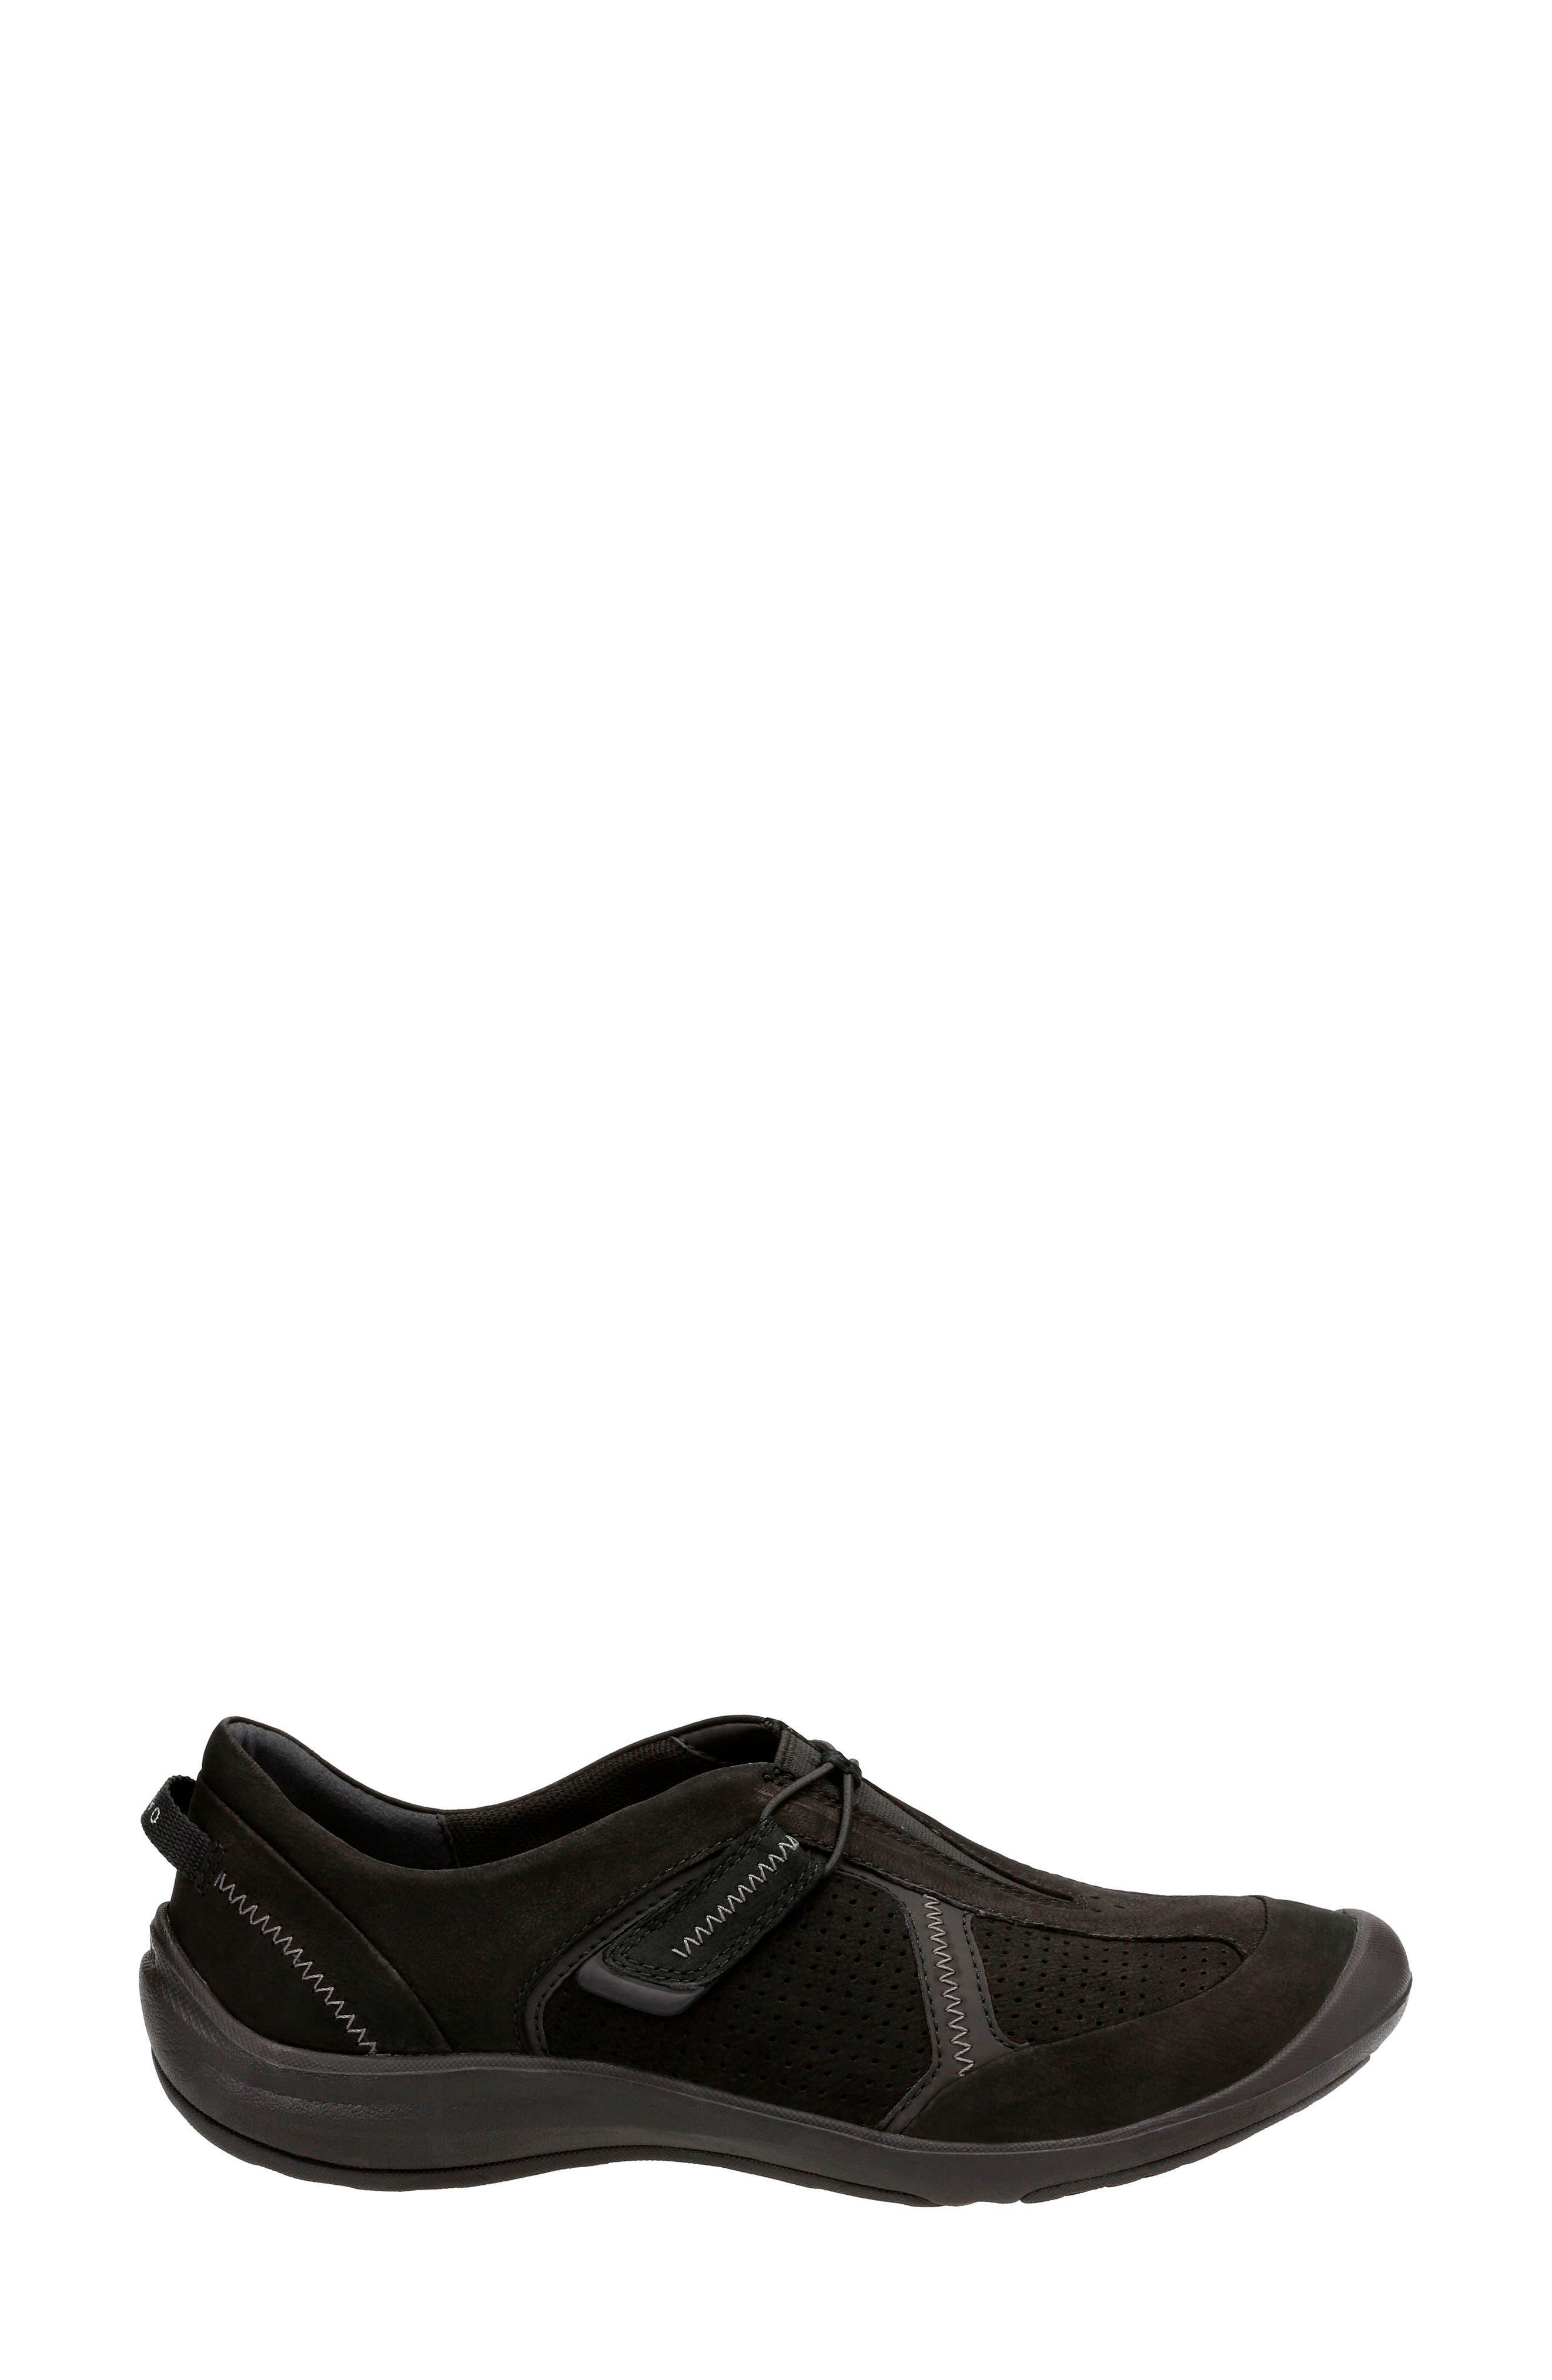 'Asney' Slip-On Sneaker,                             Alternate thumbnail 3, color,                             002